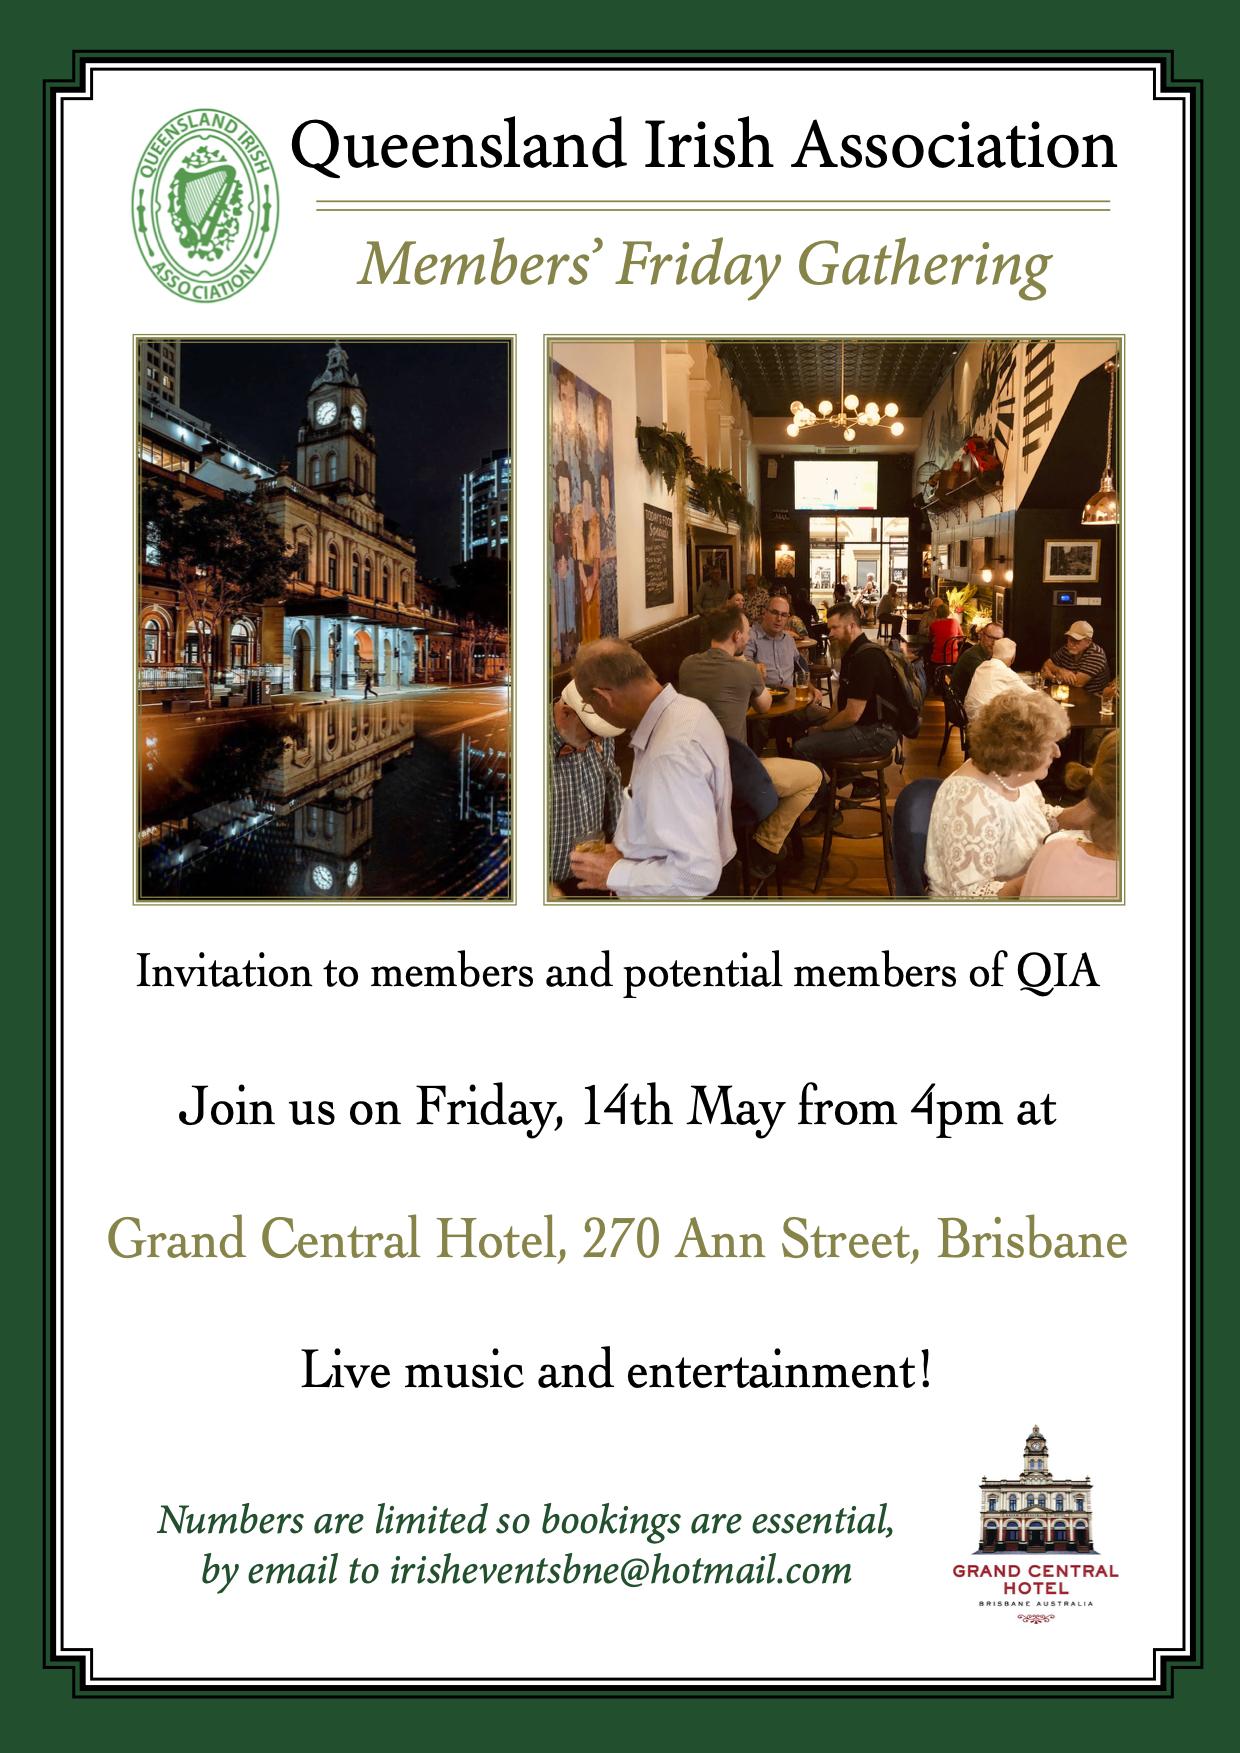 Members' Friday Gathering - April